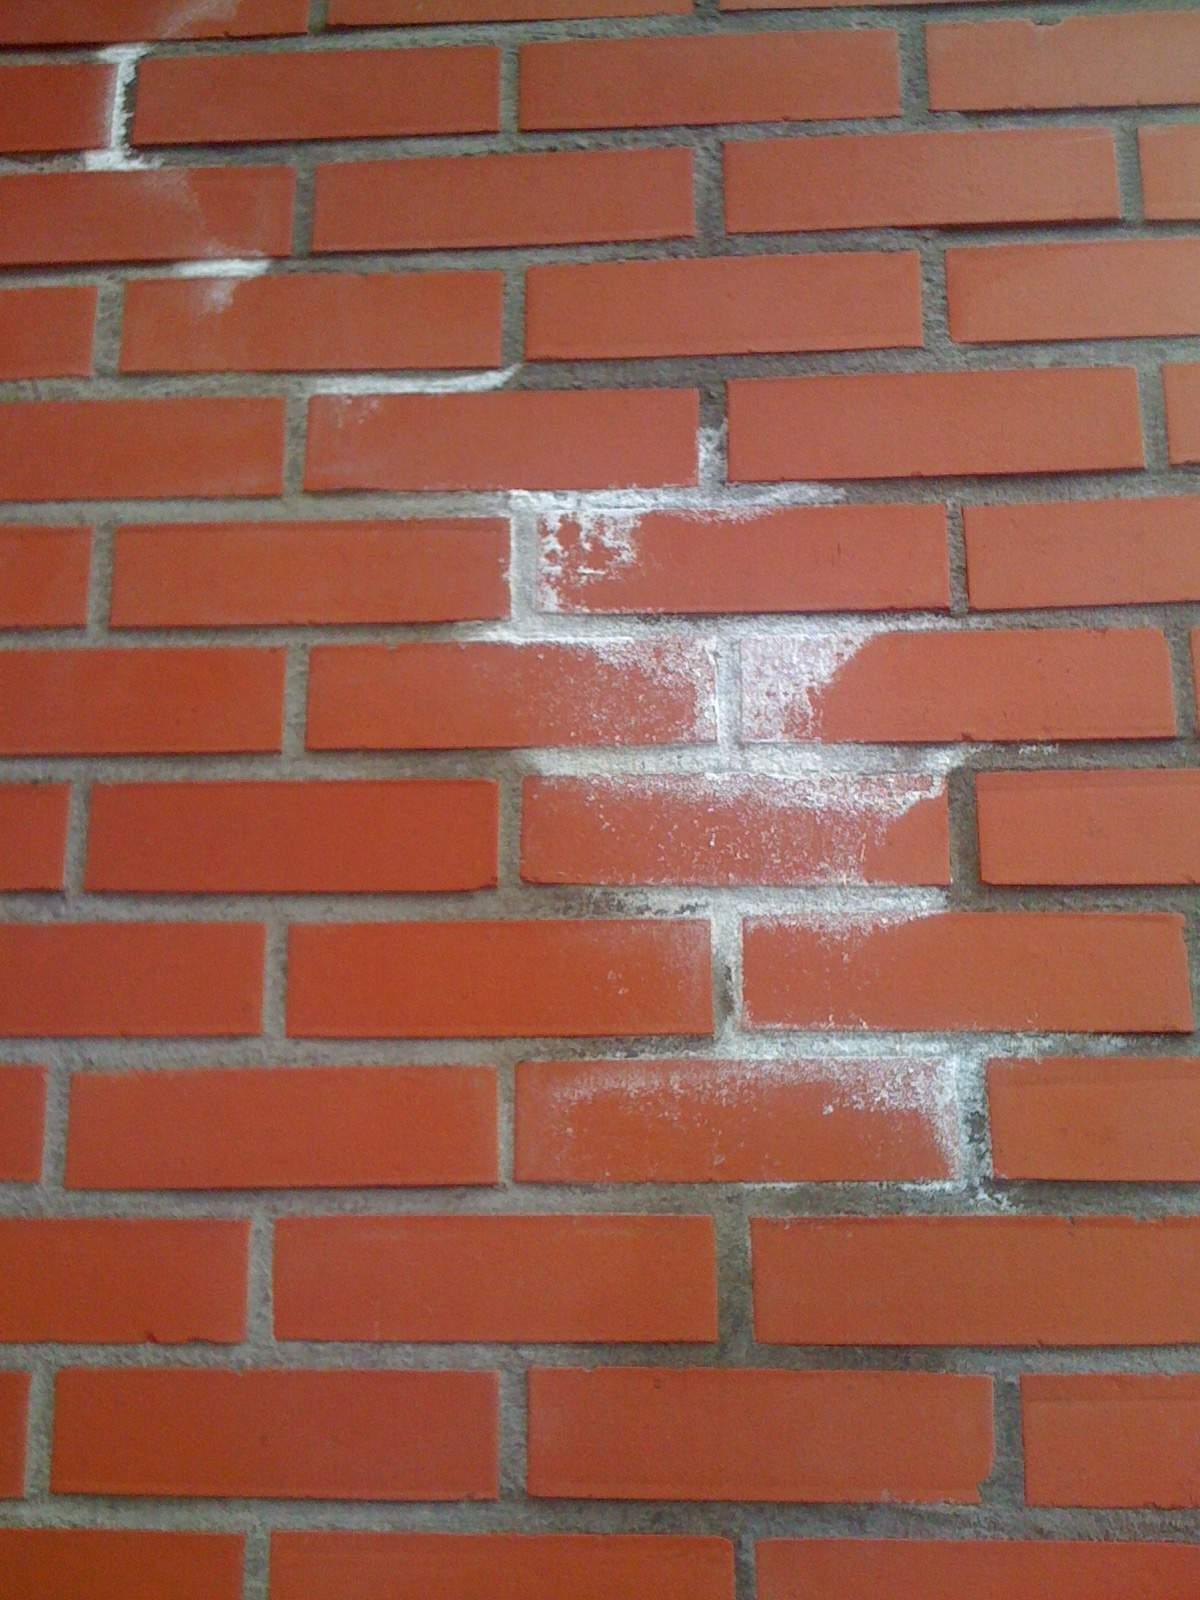 Manchas blancas en la pared del jard n es un hongo fotos - Manchas blancas en la pared ...